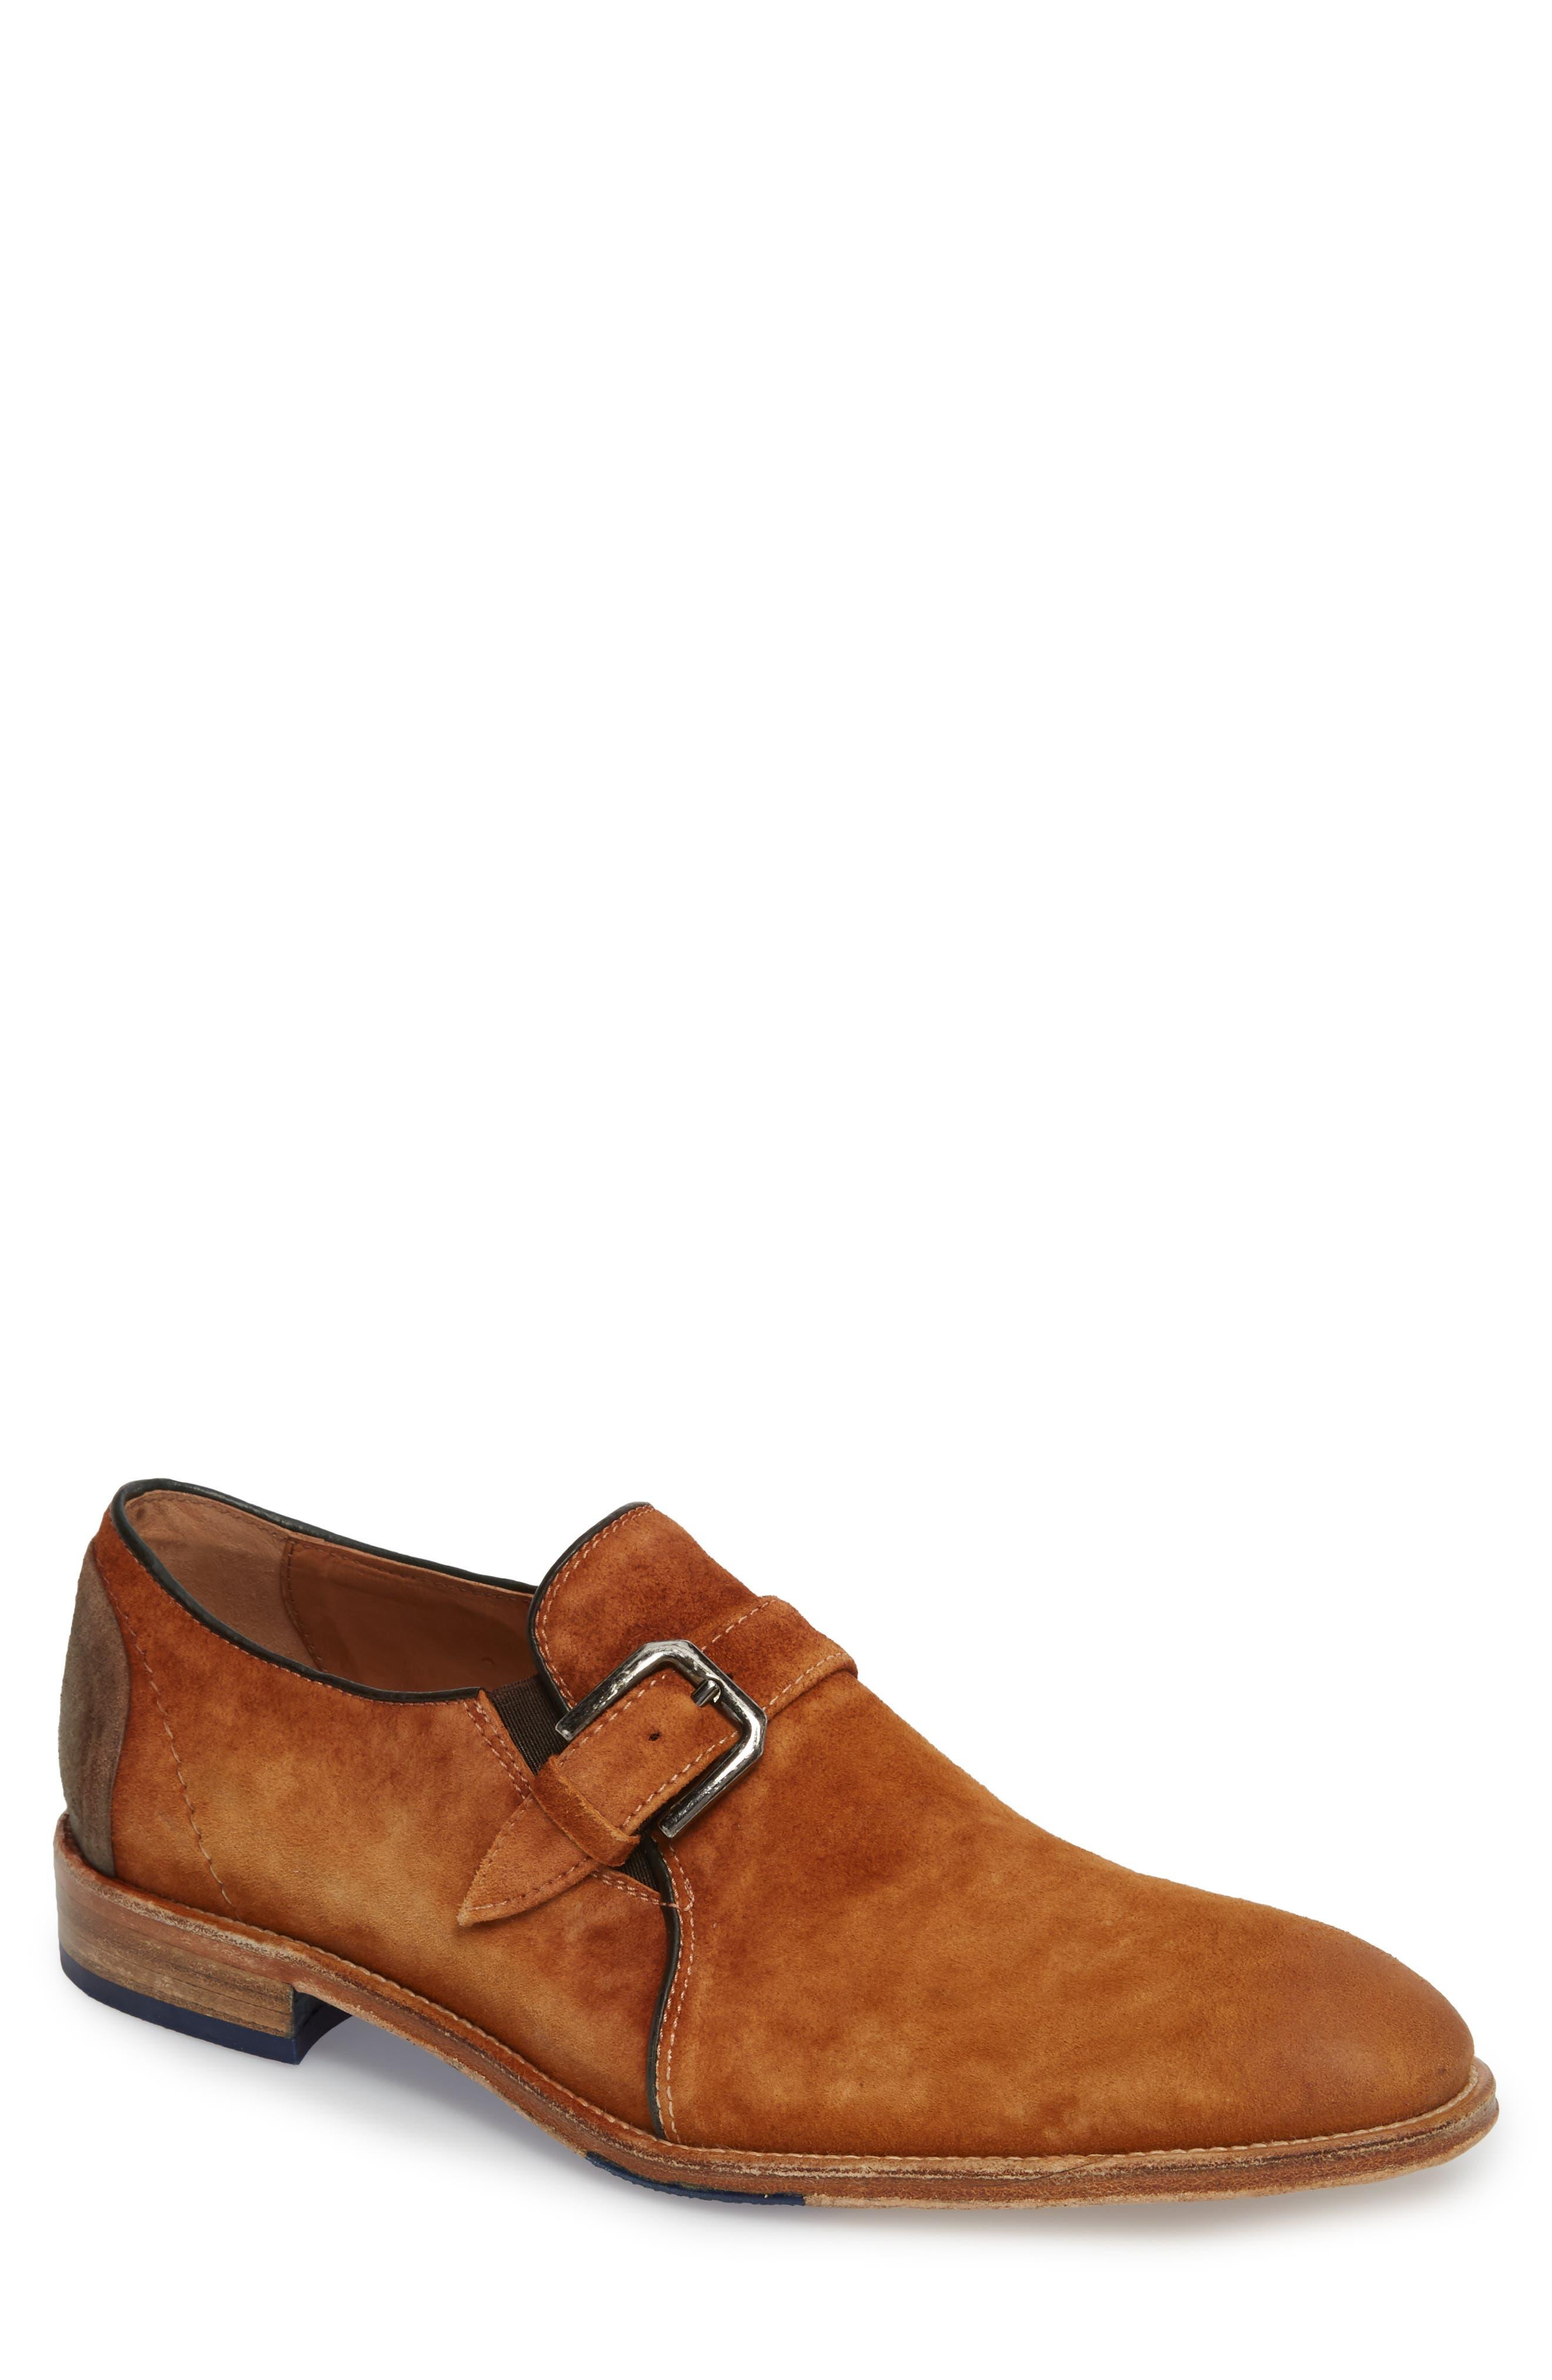 Alex Single Buckle Monk Shoe,                         Main,                         color,